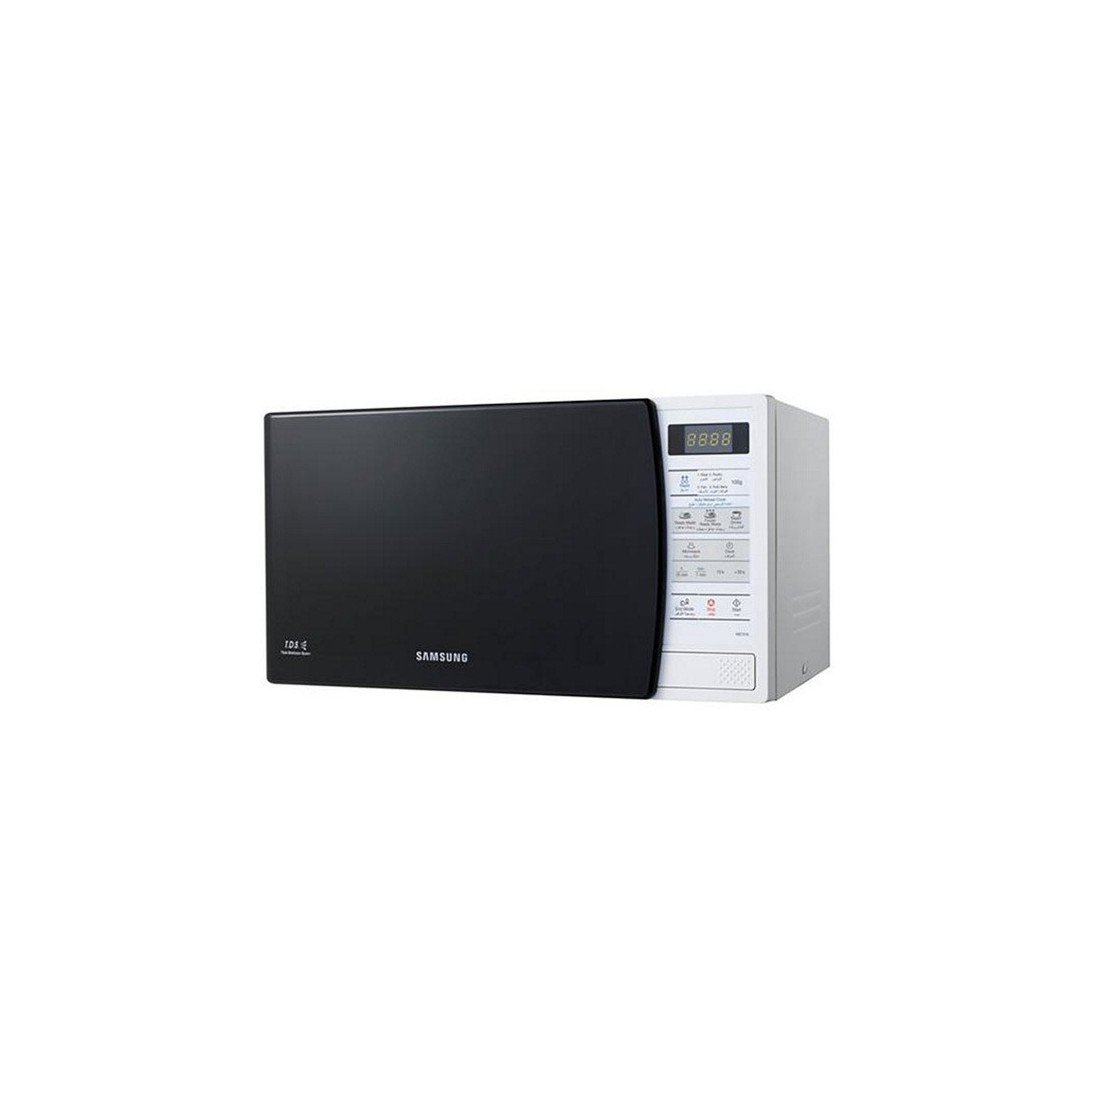 Samsung Me731K/Xec Microondas sin grill de 20 L, interior de cerámica y display, 800 W, 20 litros, Negro y blanco